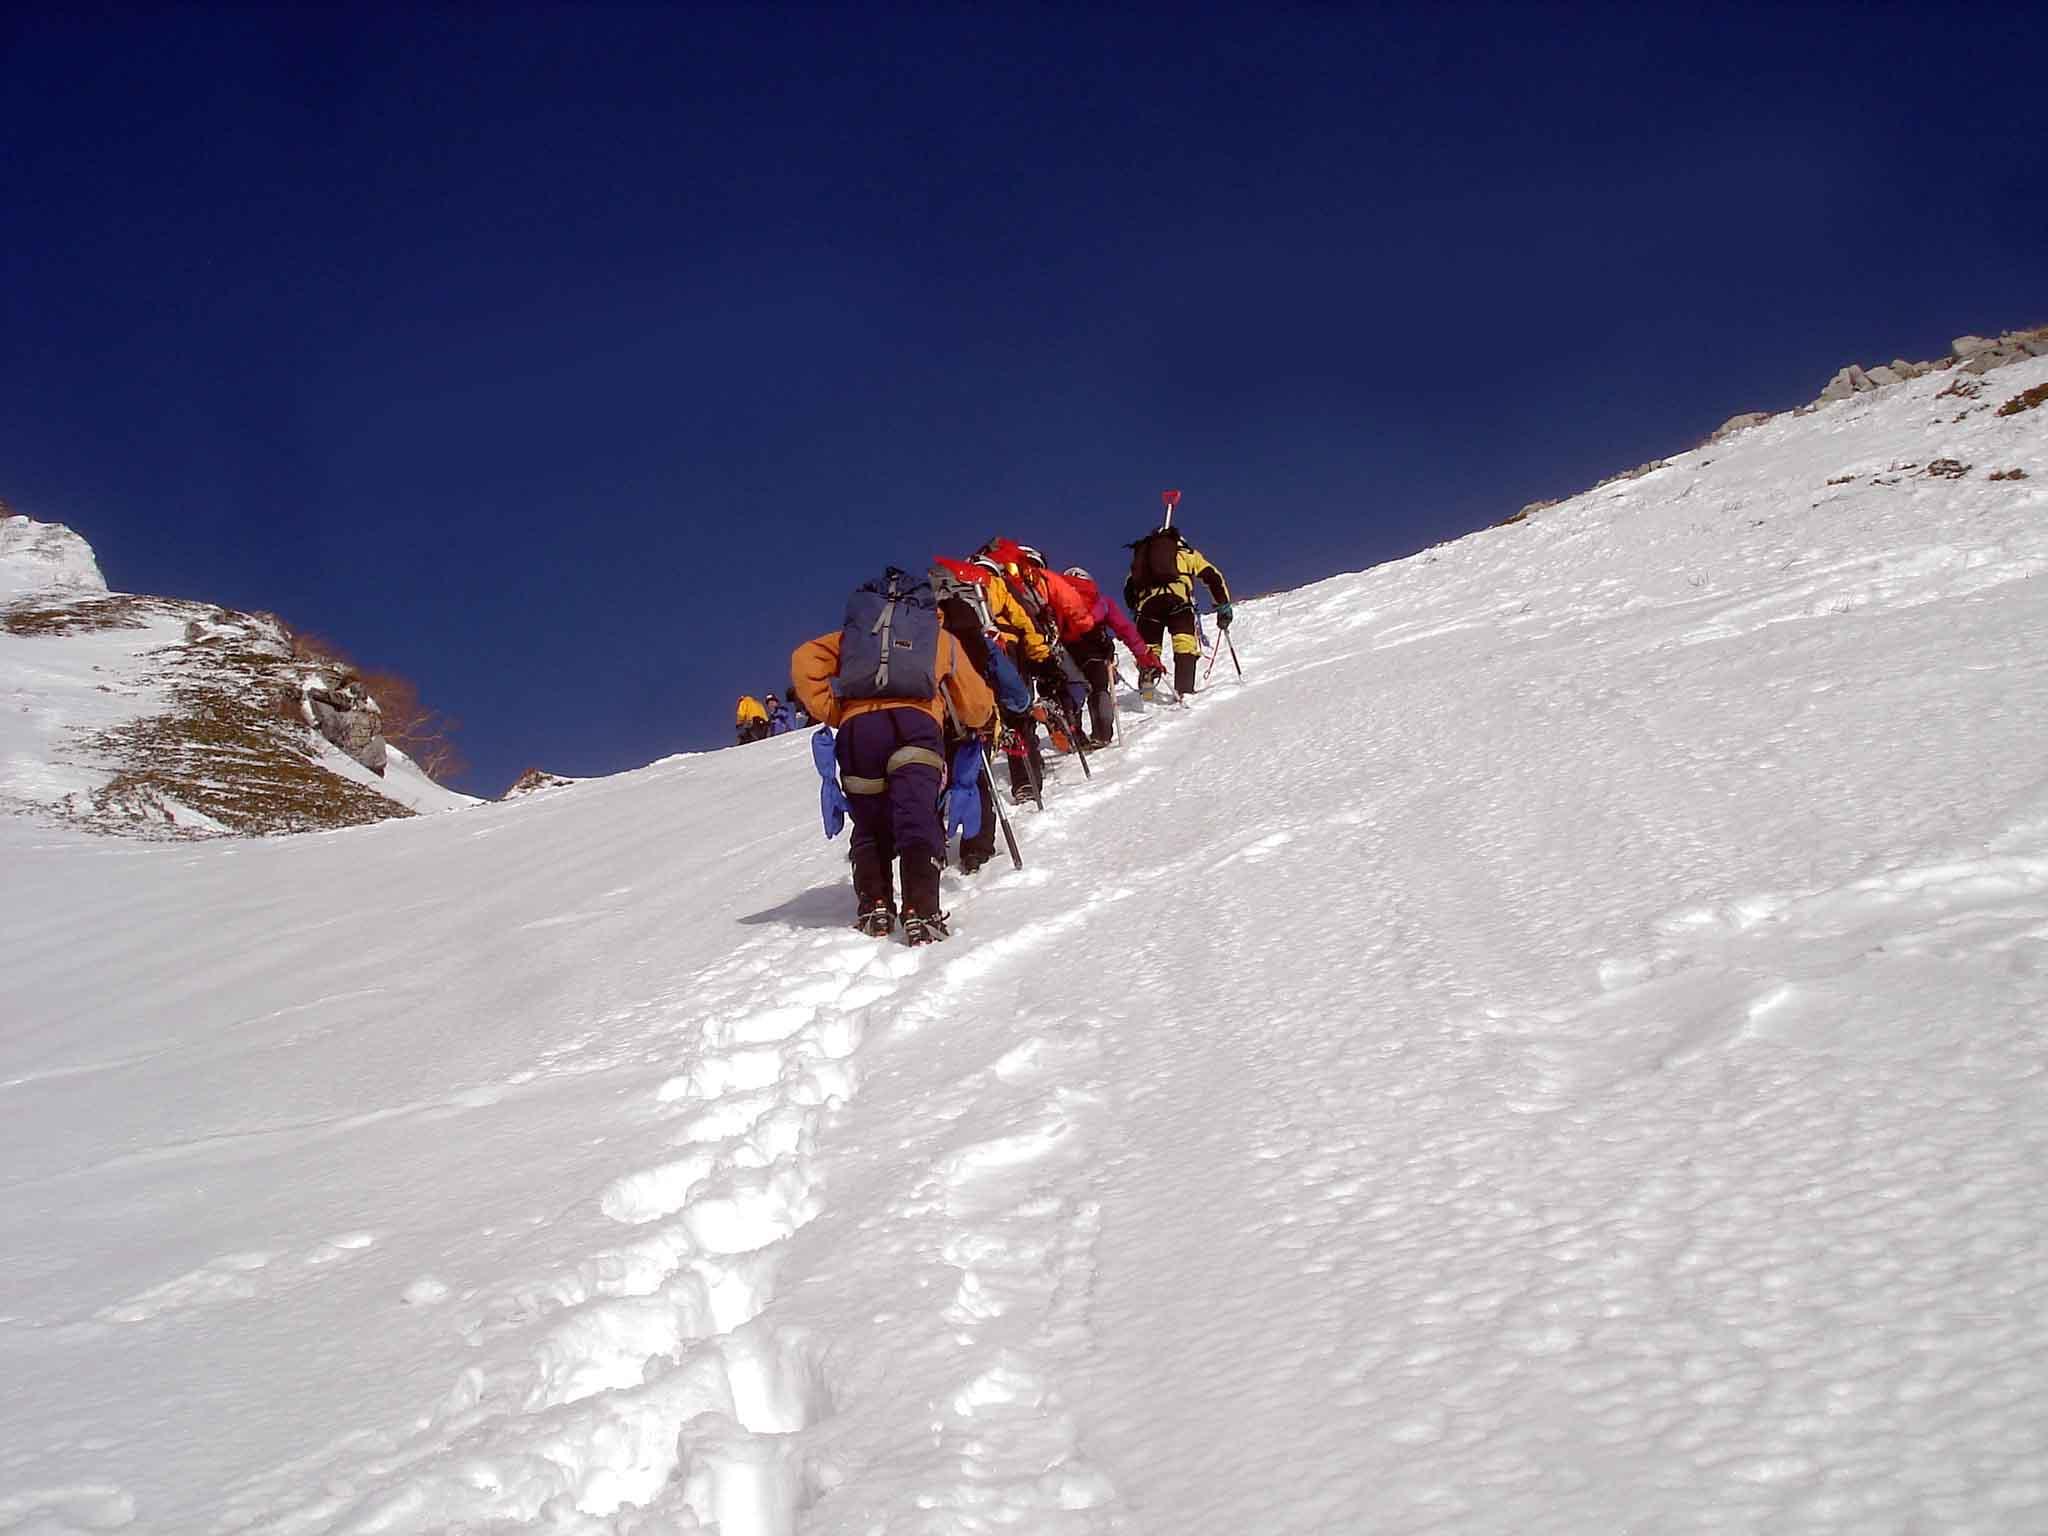 雪庇観察地点へ DSC05887